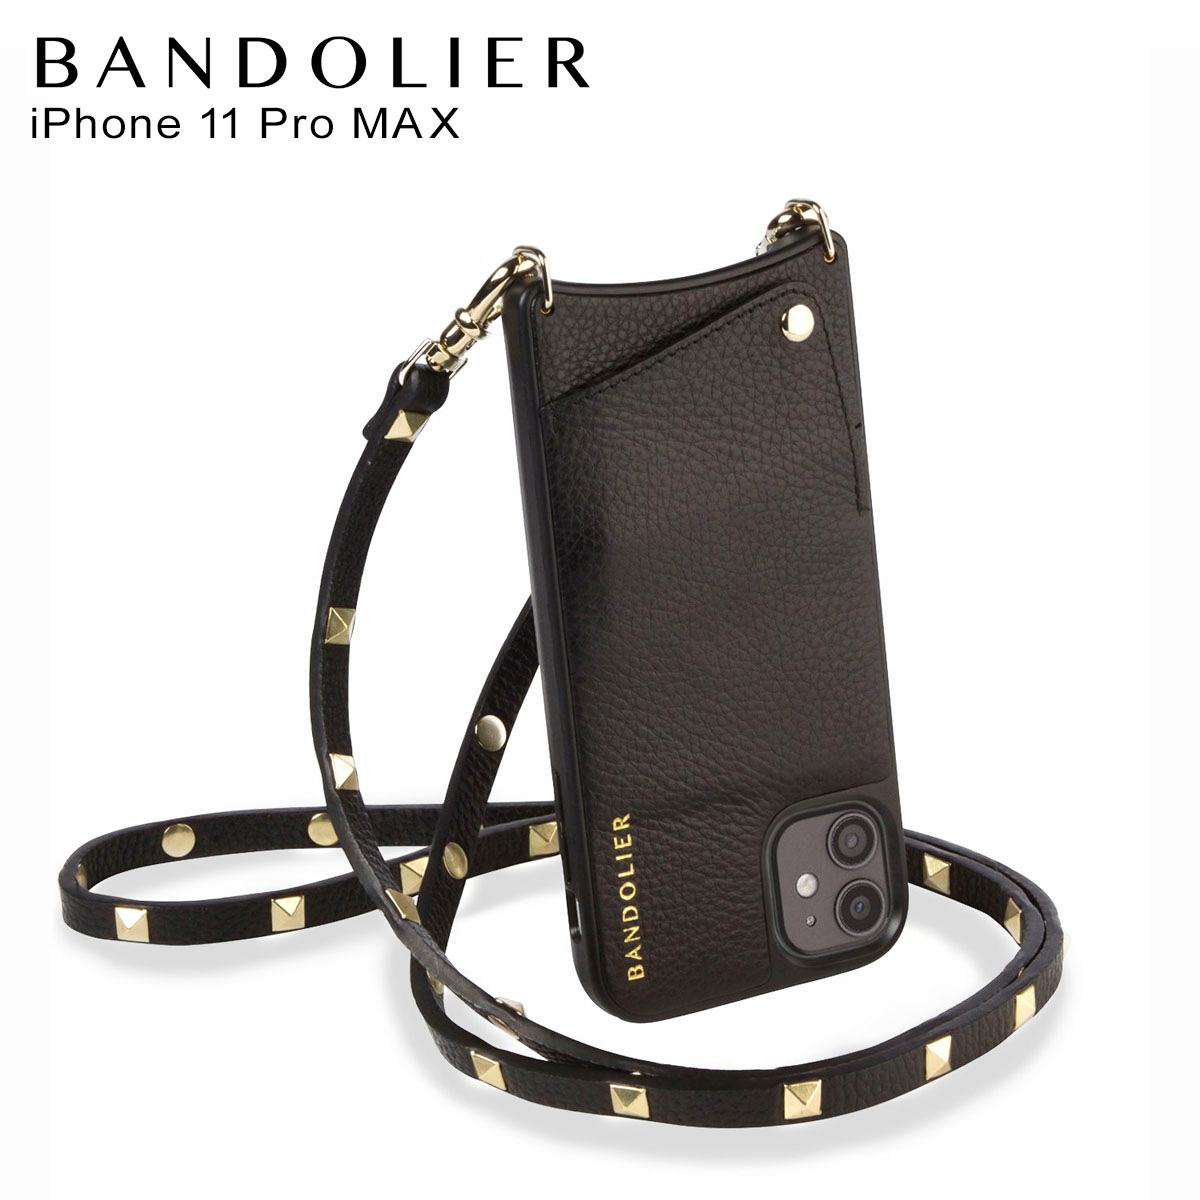 BANDOLIER SARAH GOLD バンドリヤー サラ ゴールド iPhone11 Pro MAX ケース スマホ 携帯 ショルダー アイフォン メンズ レディース ブラック 黒 2014